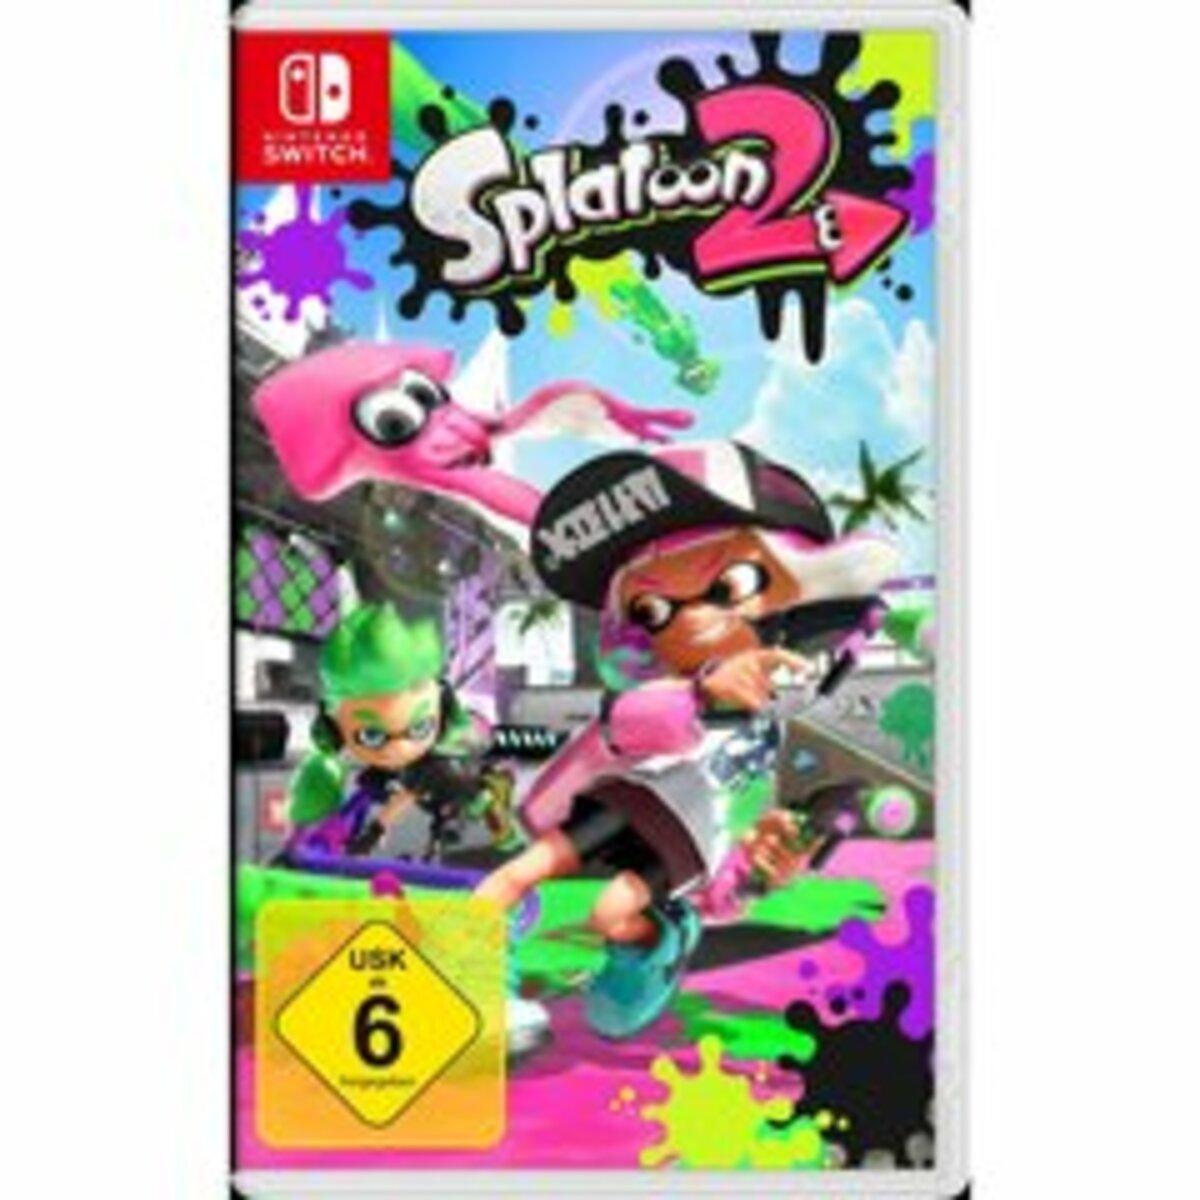 Bild 2 von Nintendo - Switch: Splatoon 2